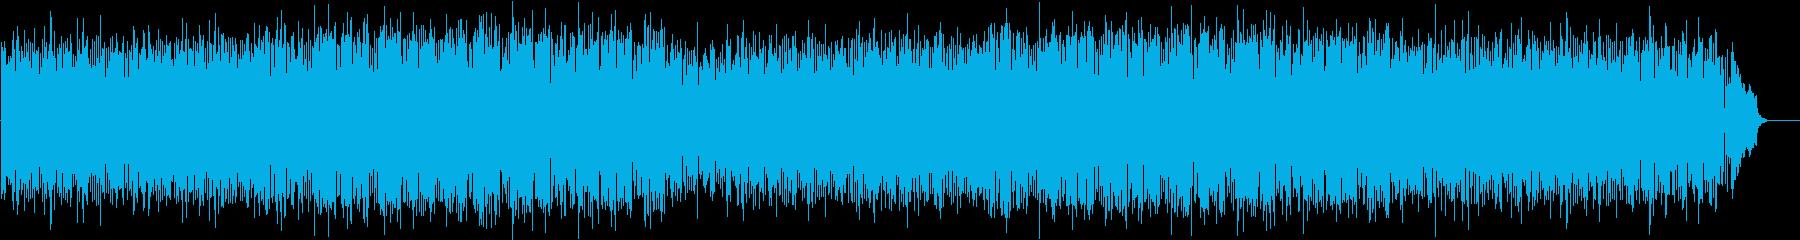 CM 充実 情報 前進 躍動 元気 の再生済みの波形